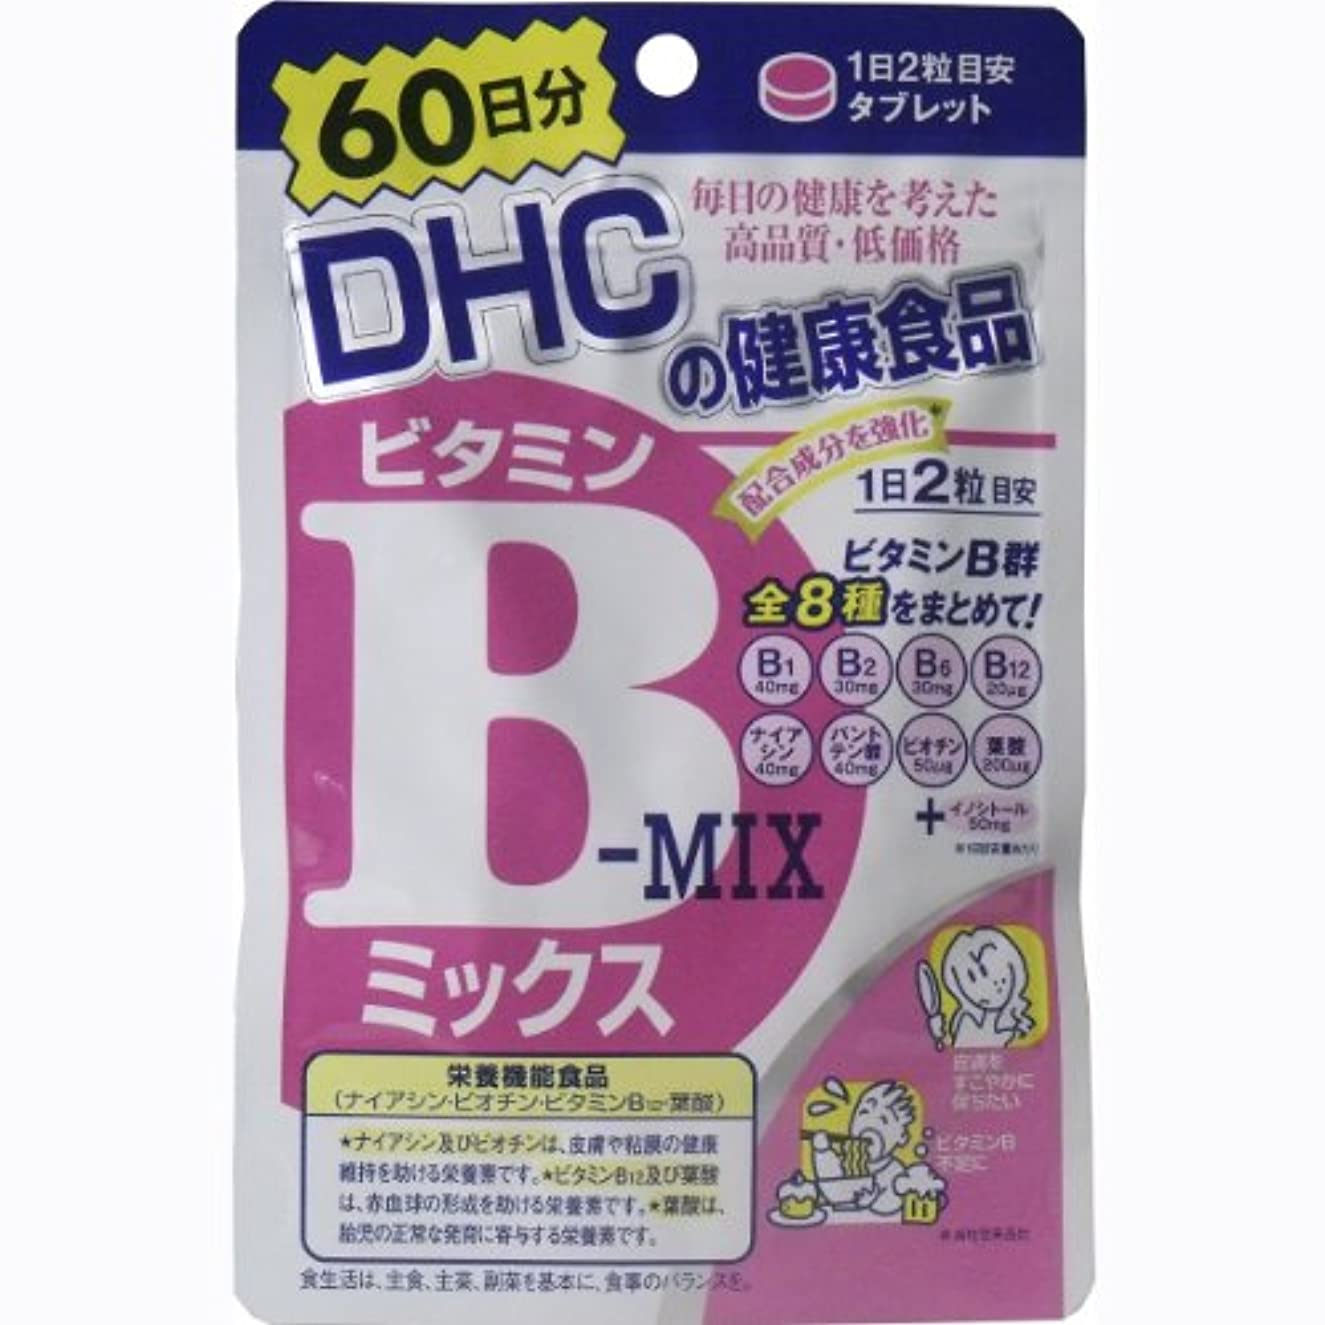 同行一元化するそれらDHC ビタミンBミックス 120粒 60日分 ×8個セット